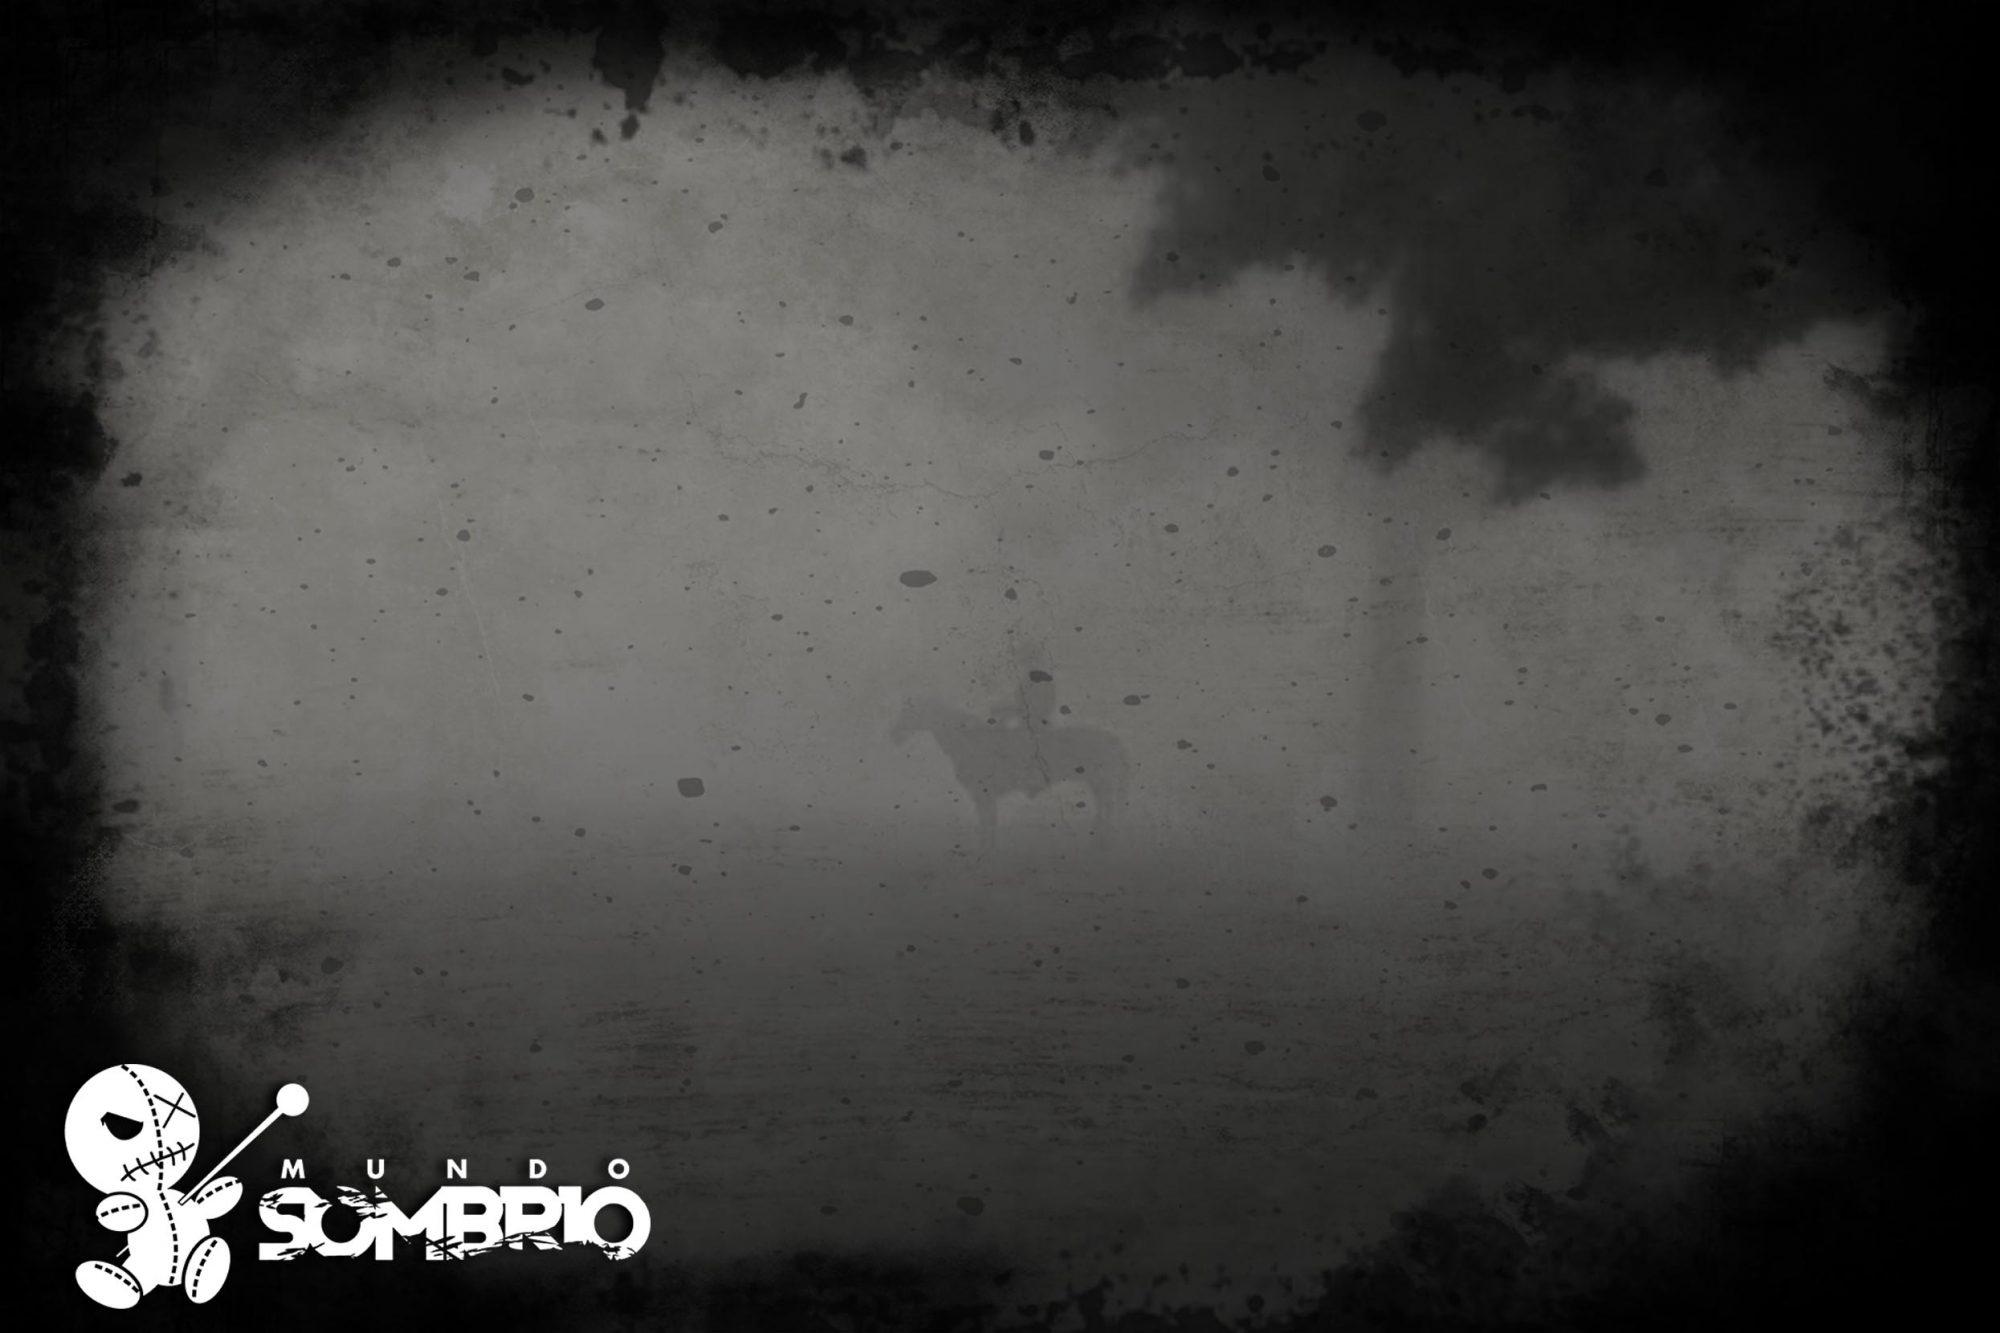 o cavaleiro fantasma história de terror